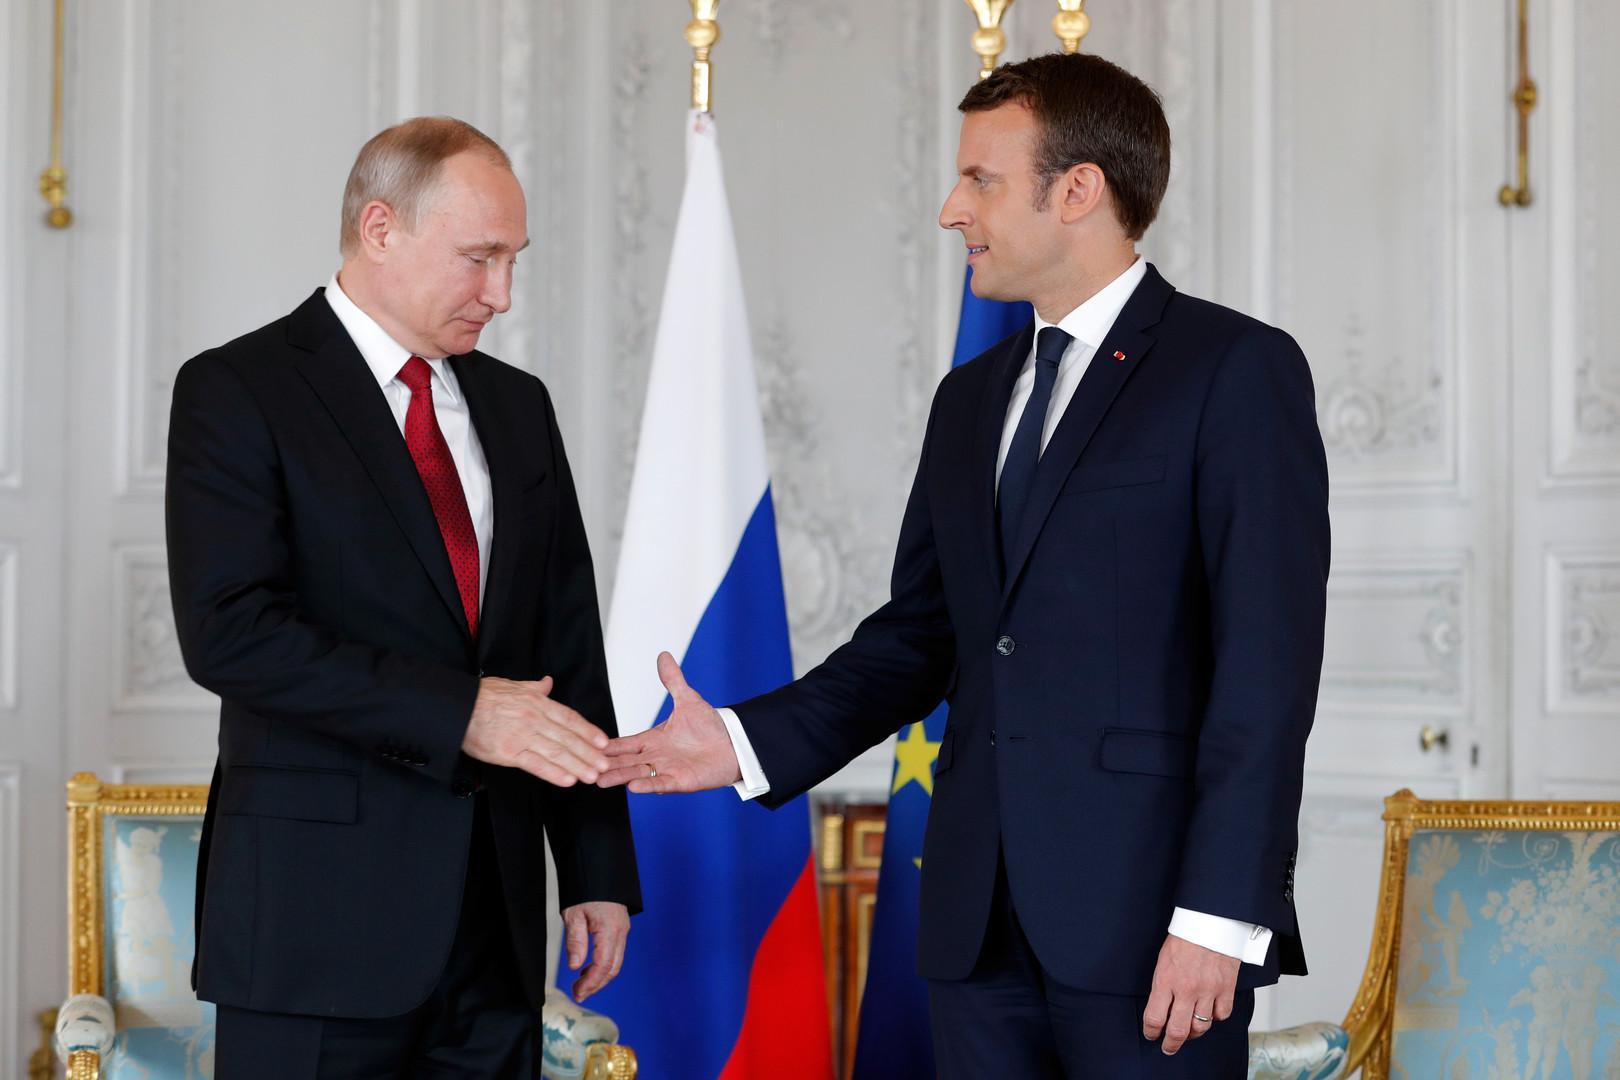 握手瞬间,马克龙直视普京的面孔,后者却盯着马克龙年轻的,戴戒指的图片